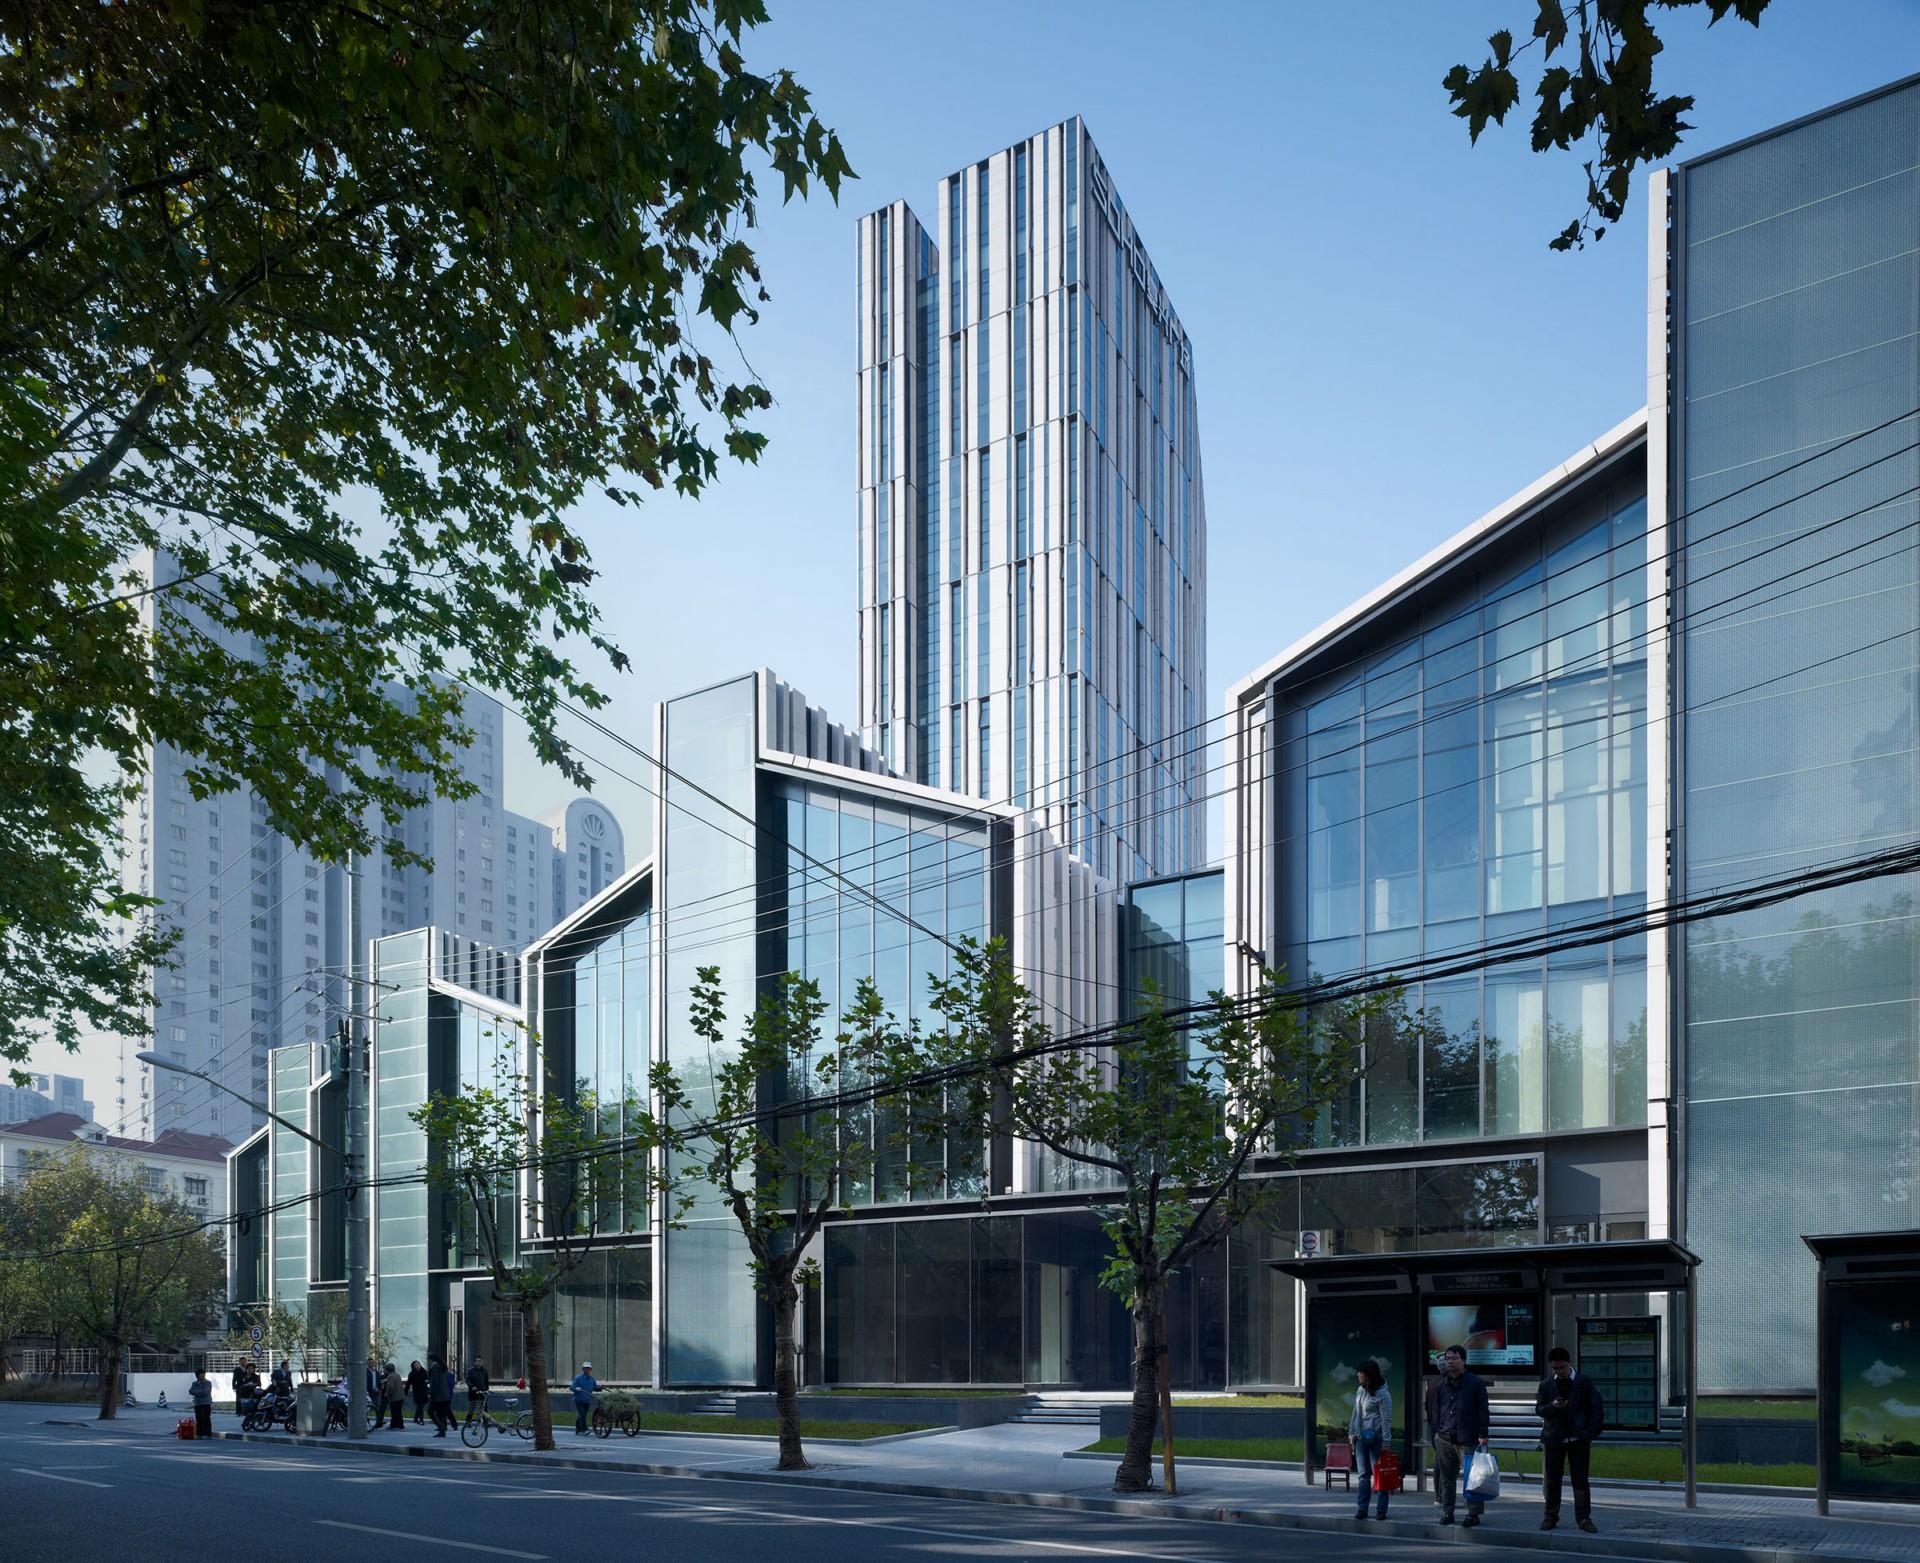 CTBUH Urban Habitat Award Preis für Hochhäuser und urbanes Umfeld